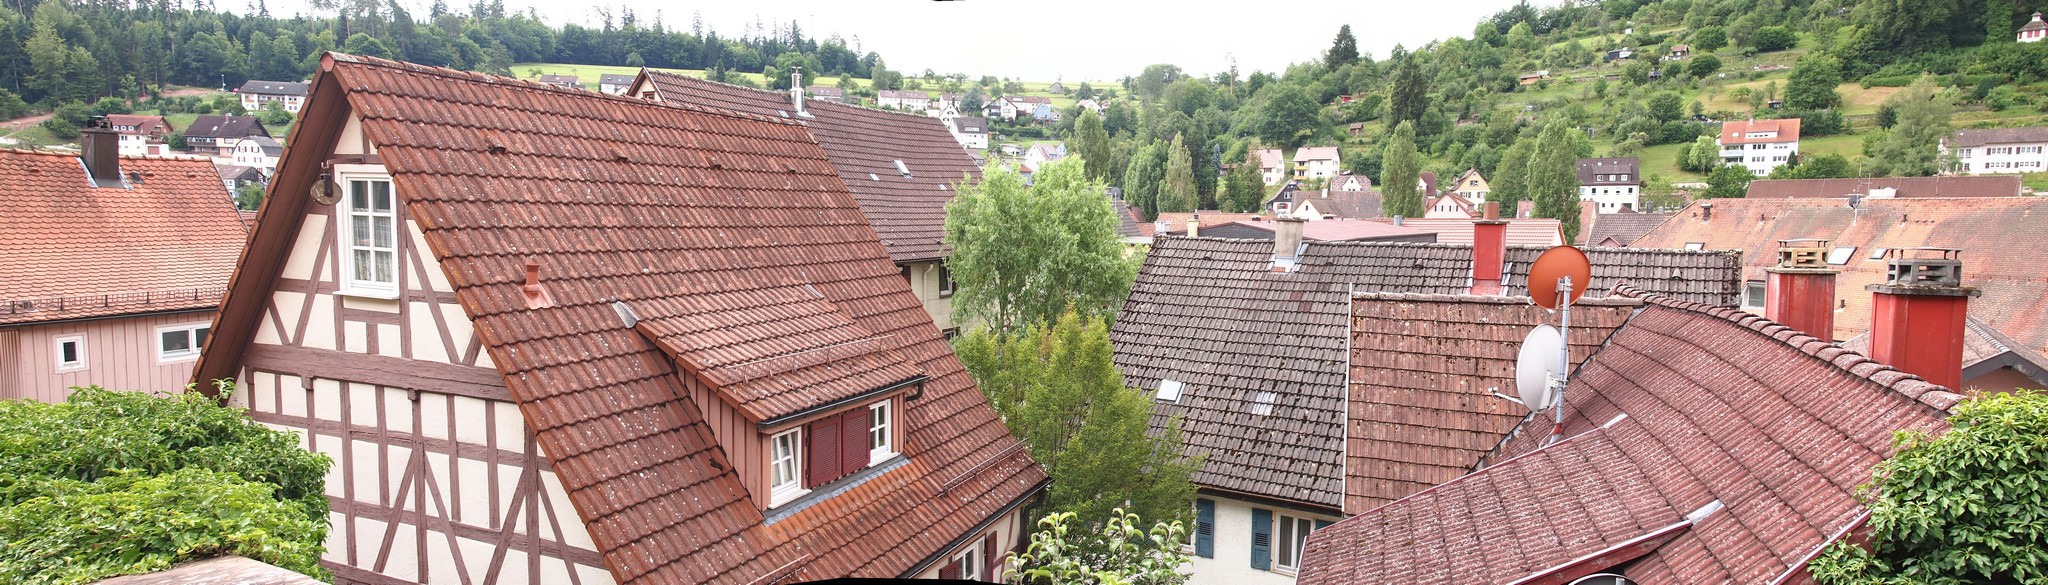 P7237223 Panorama.jpg